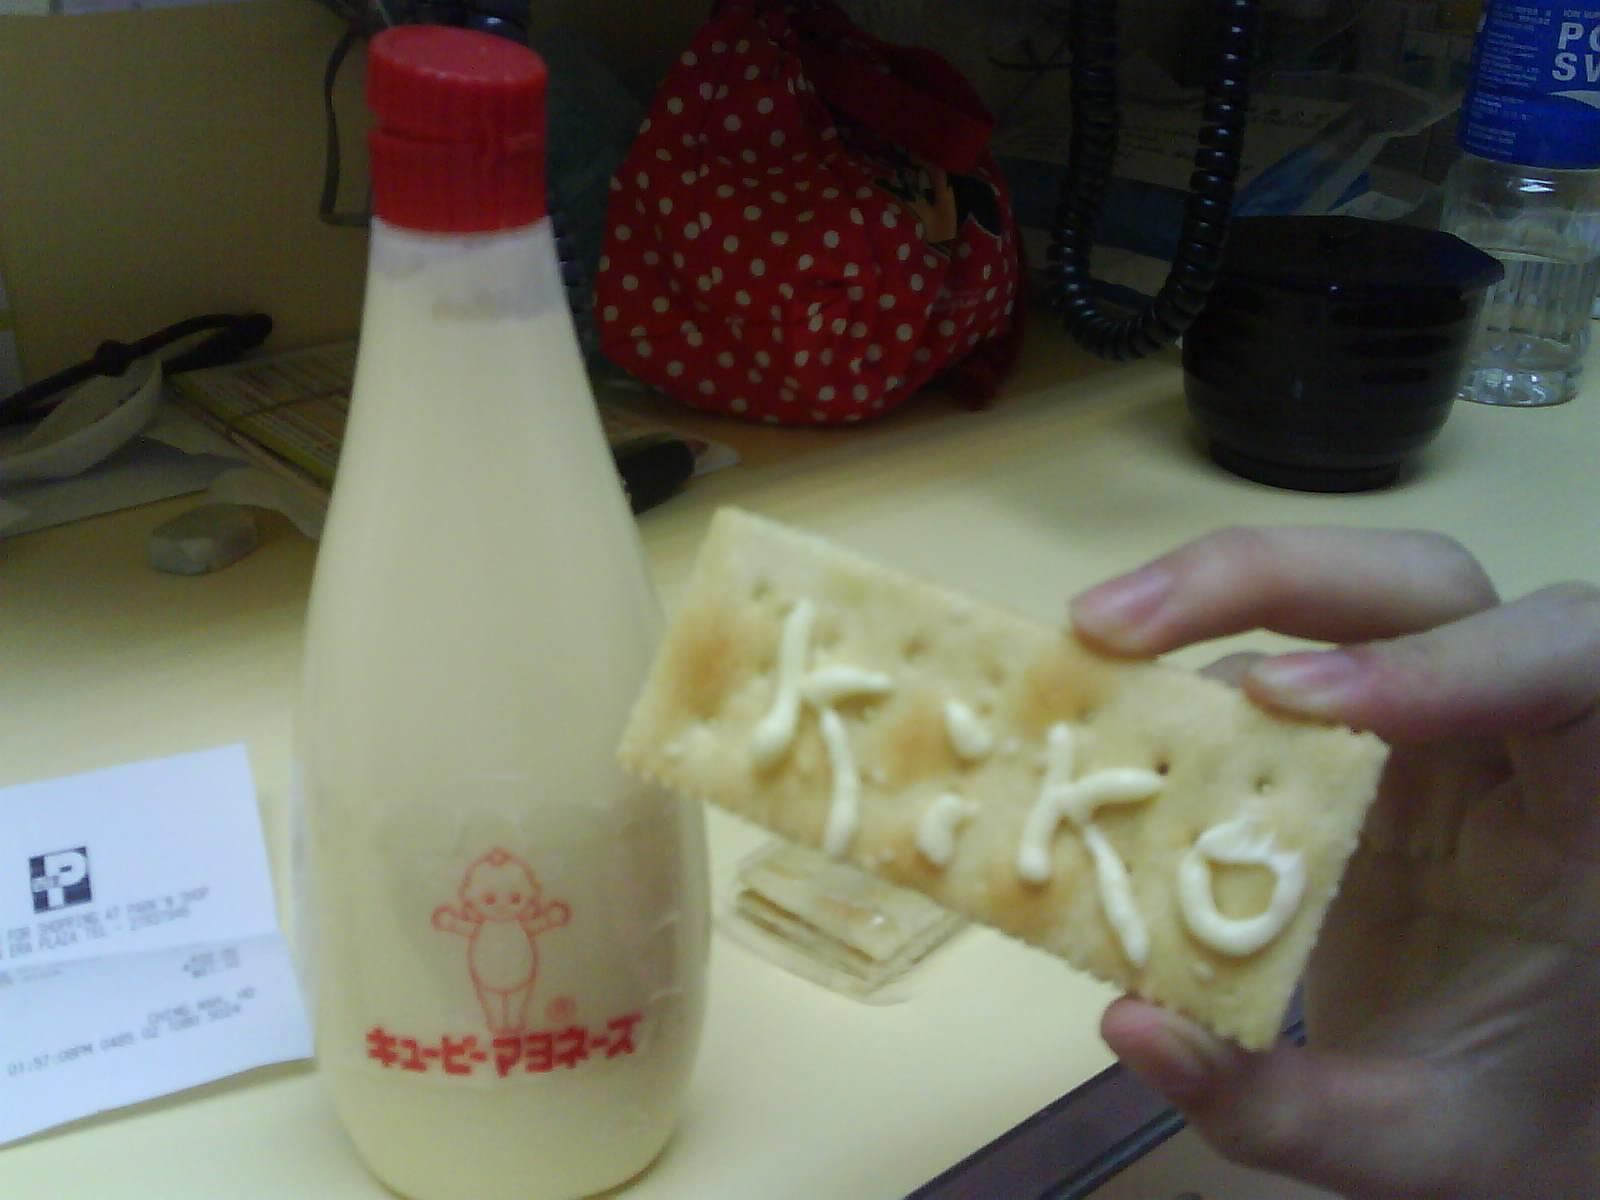 Simple LIFE キセキ..:Mayonnaise 「美乃滋」!!? - livedoor Blog(ブログ)